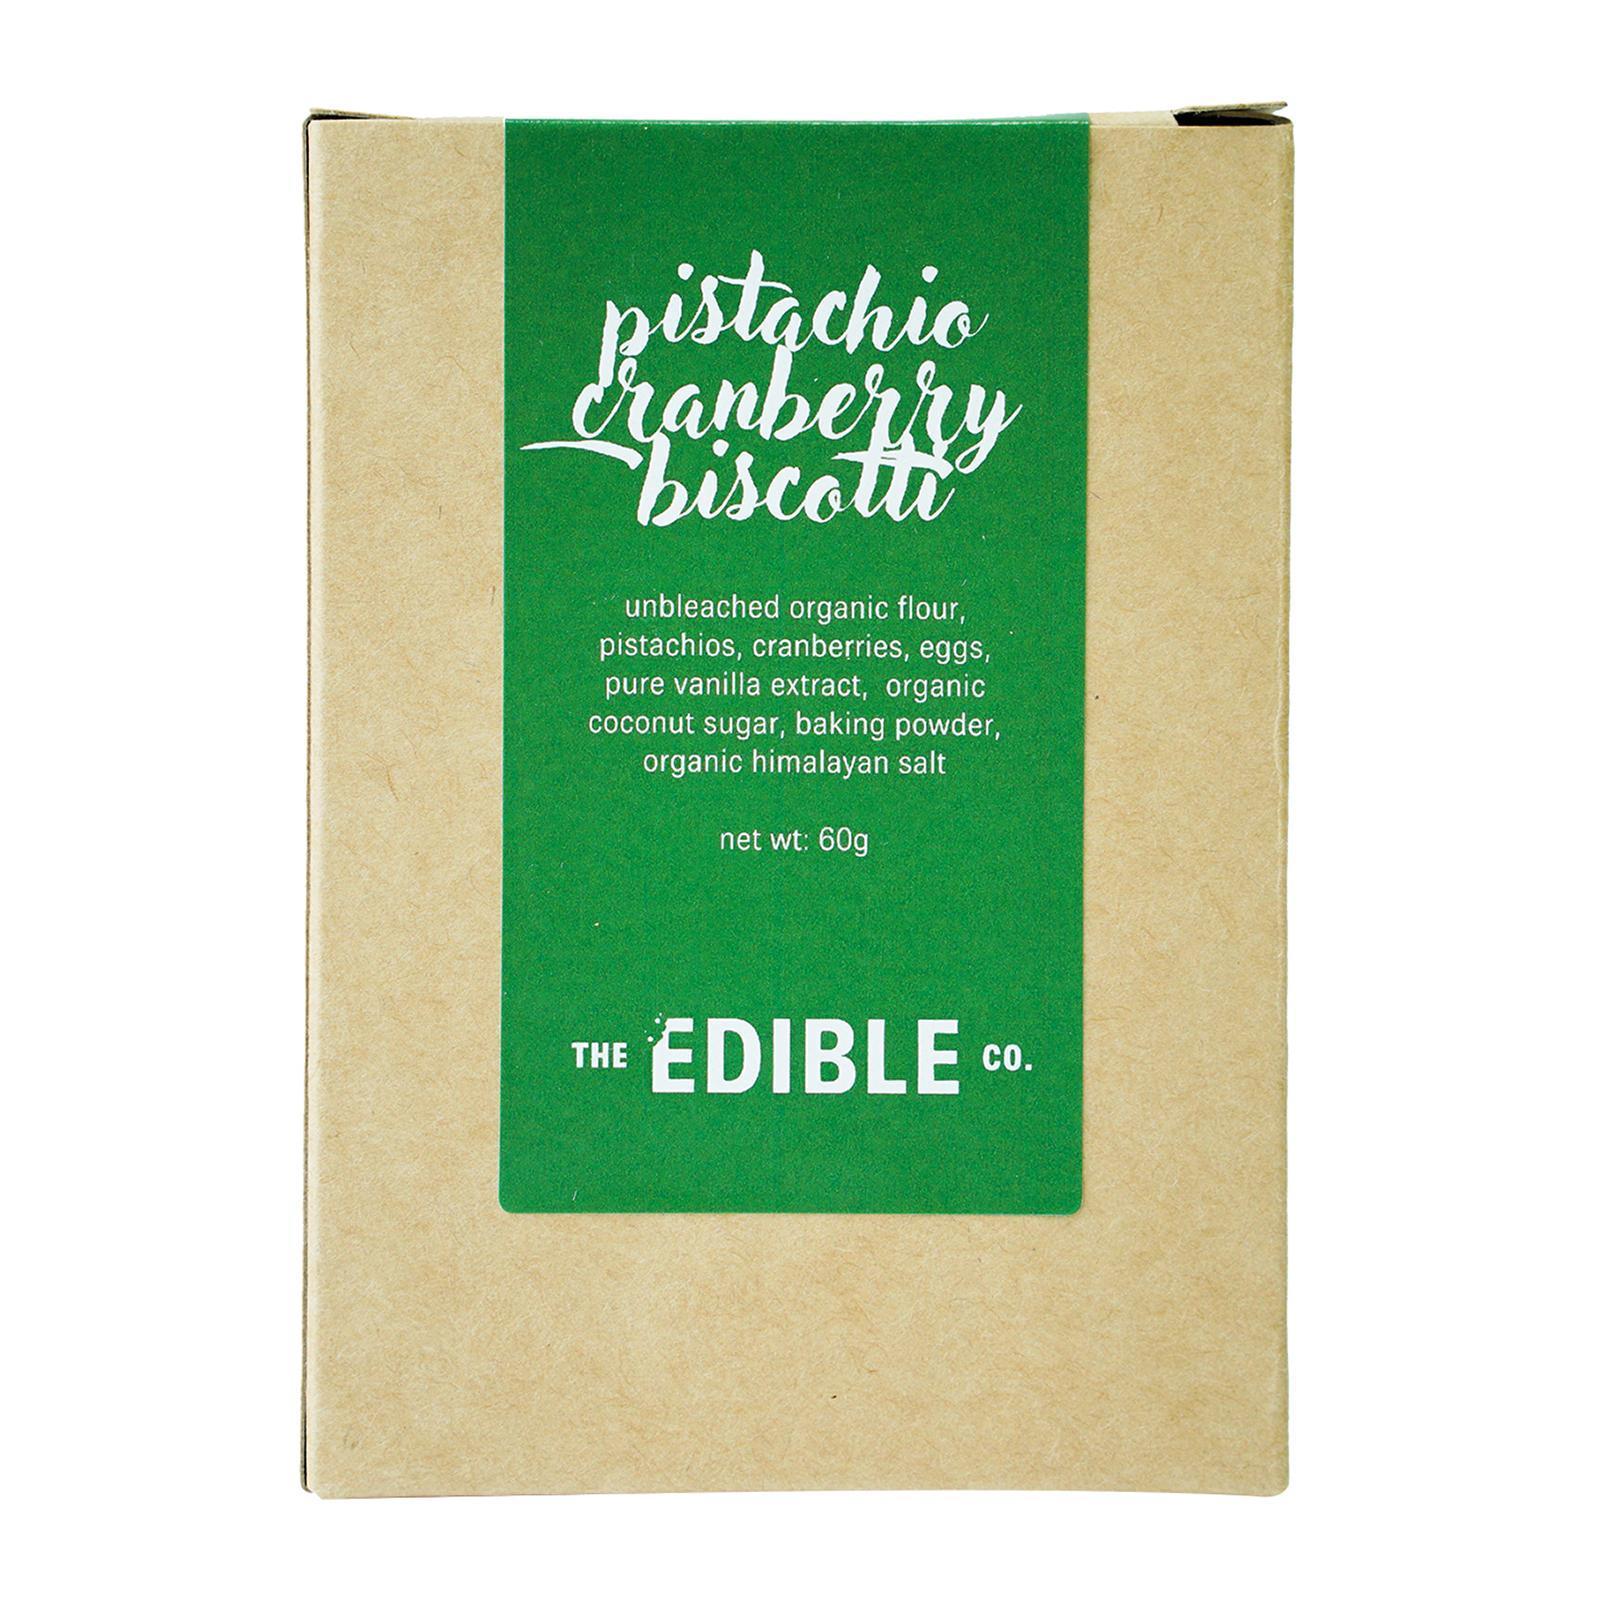 The Edible Co Pistachio Cranberry Biscotti